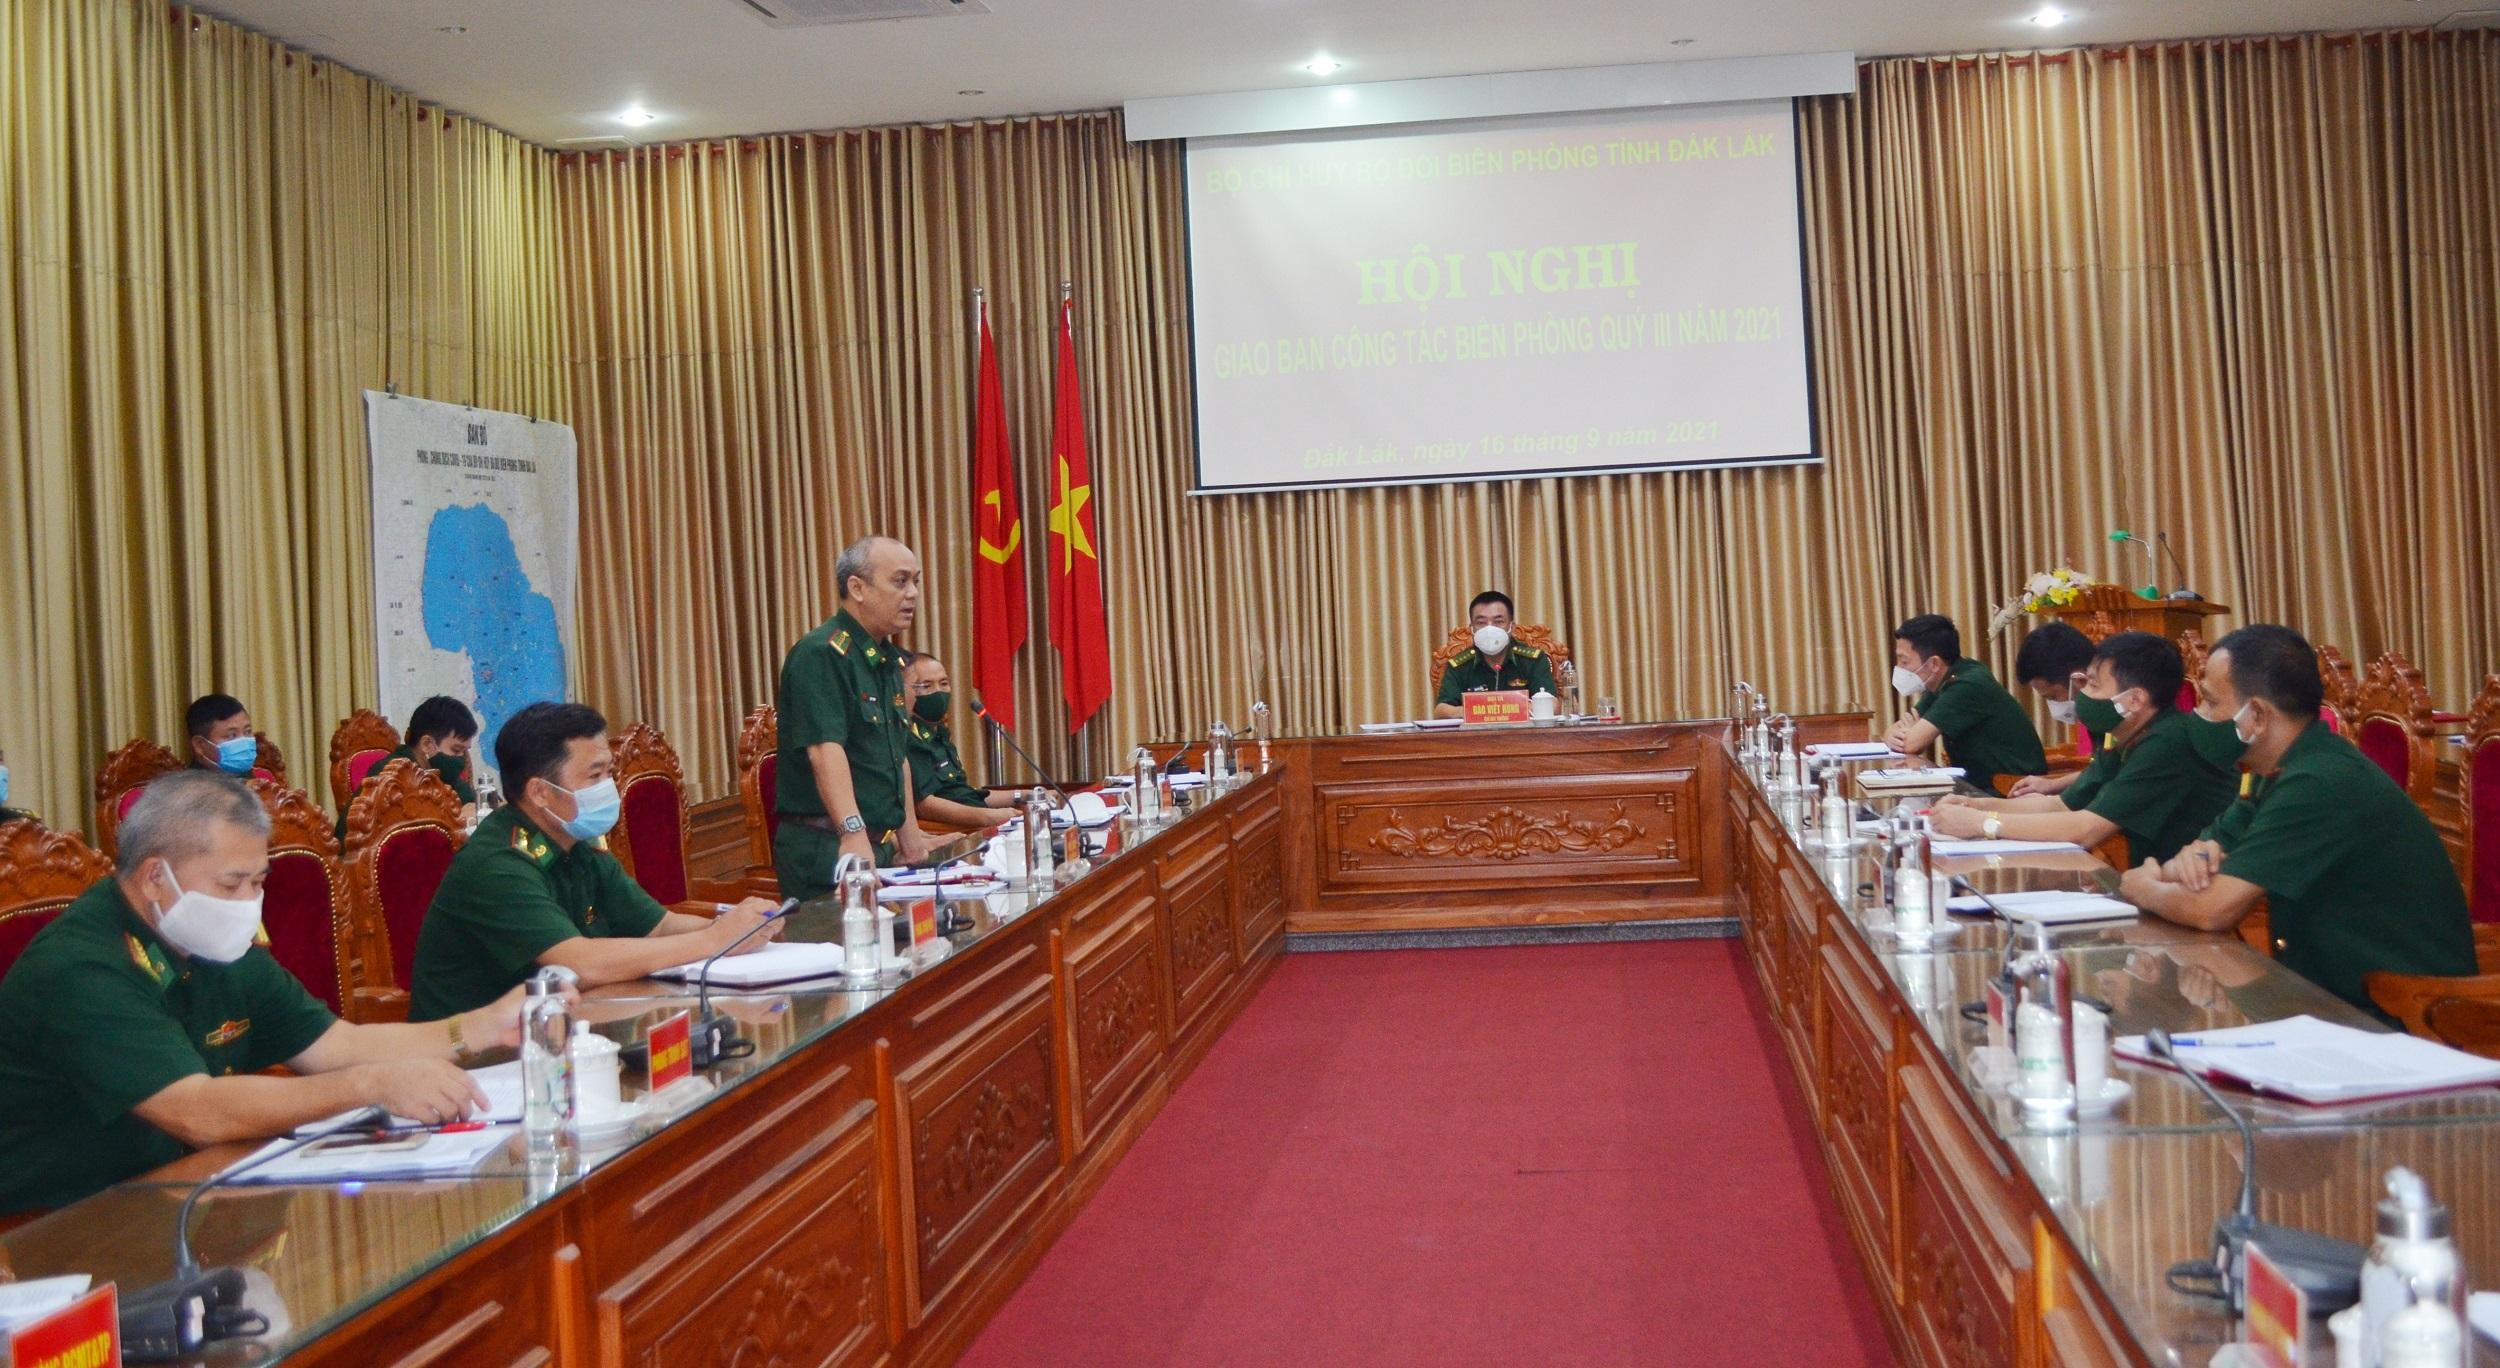 Bộ đội Biên phòng tỉnh Đắk Lắk triển khai công tác biên phòng quý IV năm 2021